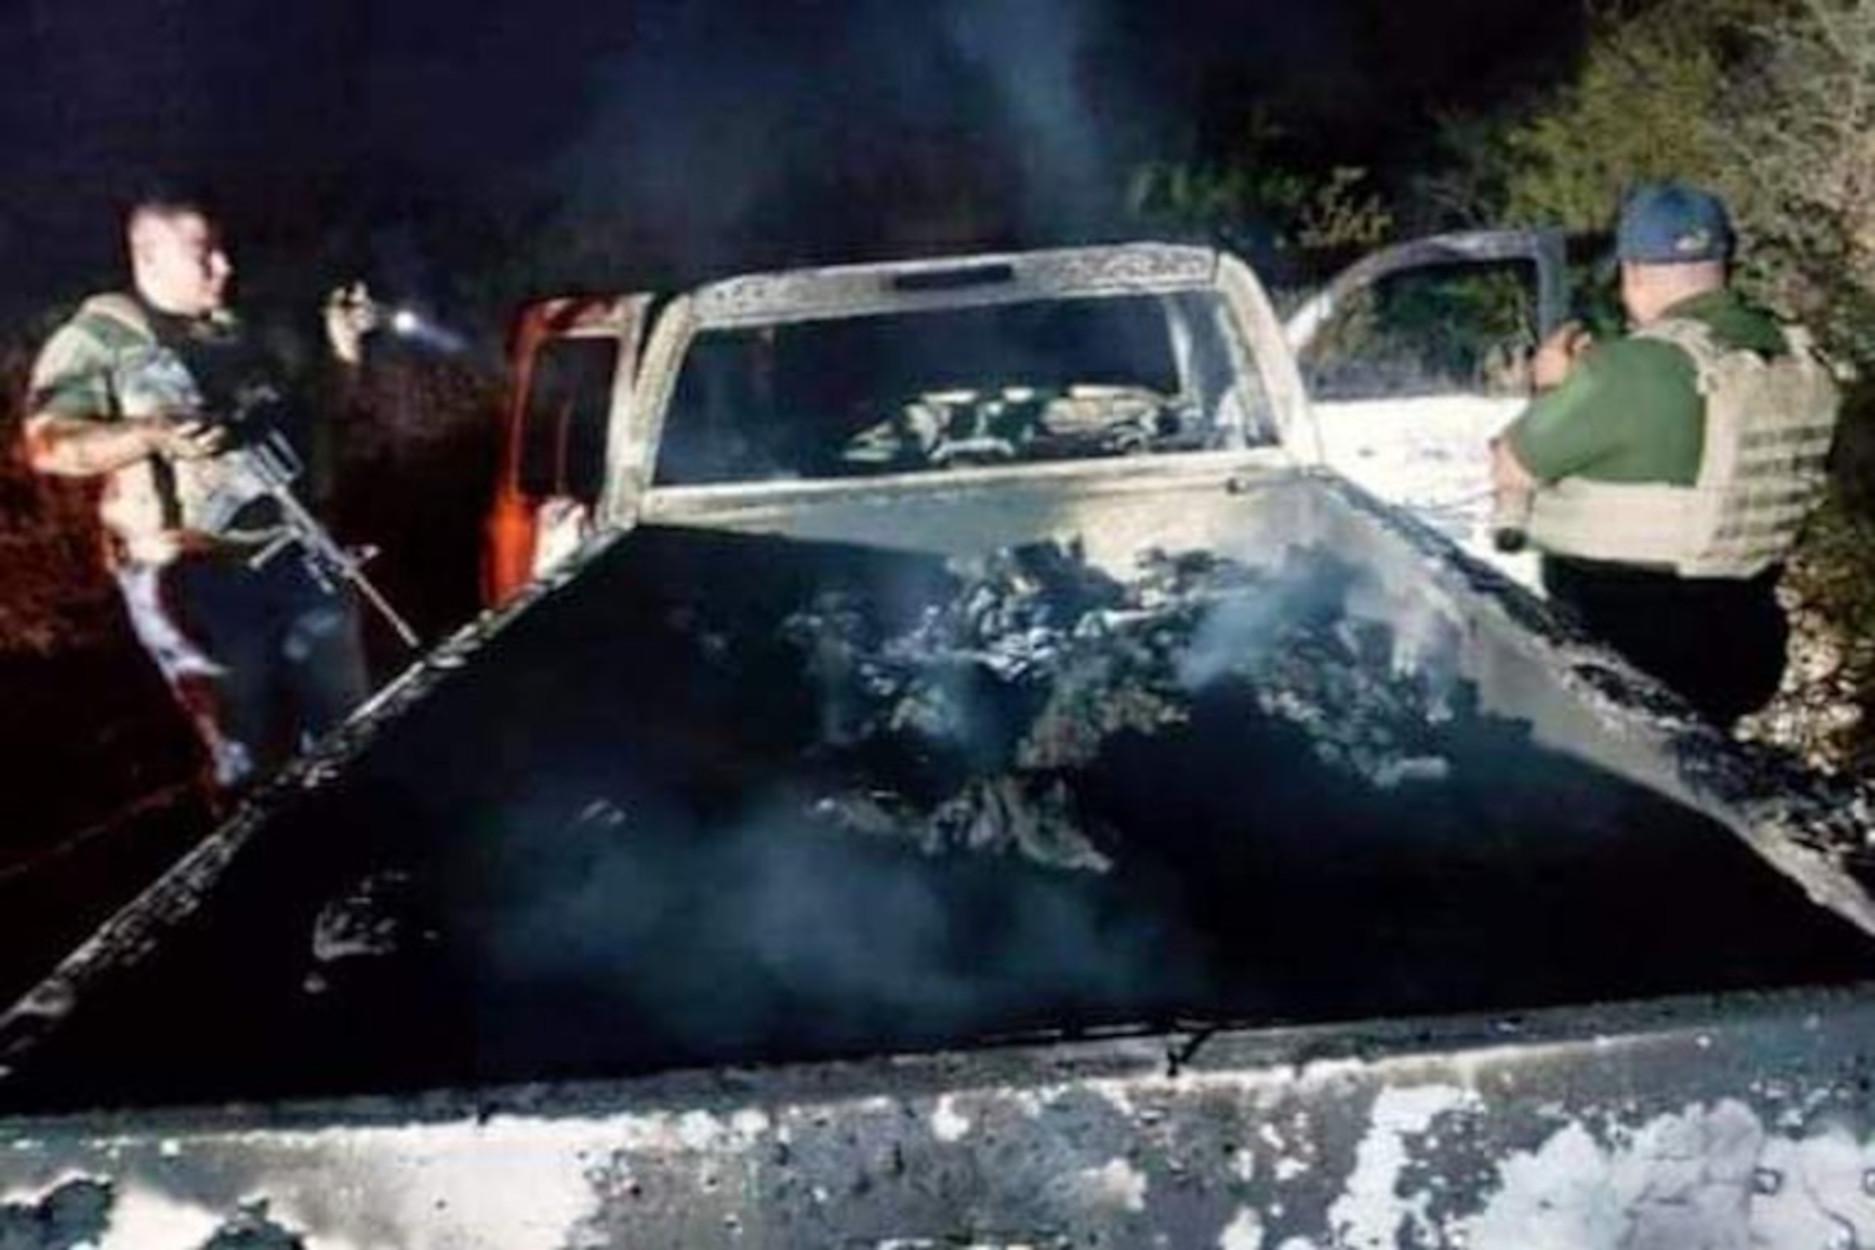 Μεξικό: Βρέθηκαν 19 απανθρακωμένα πτώματα – Τους «γάζωσαν» στις σφαίρες και τους πυρπόλησαν